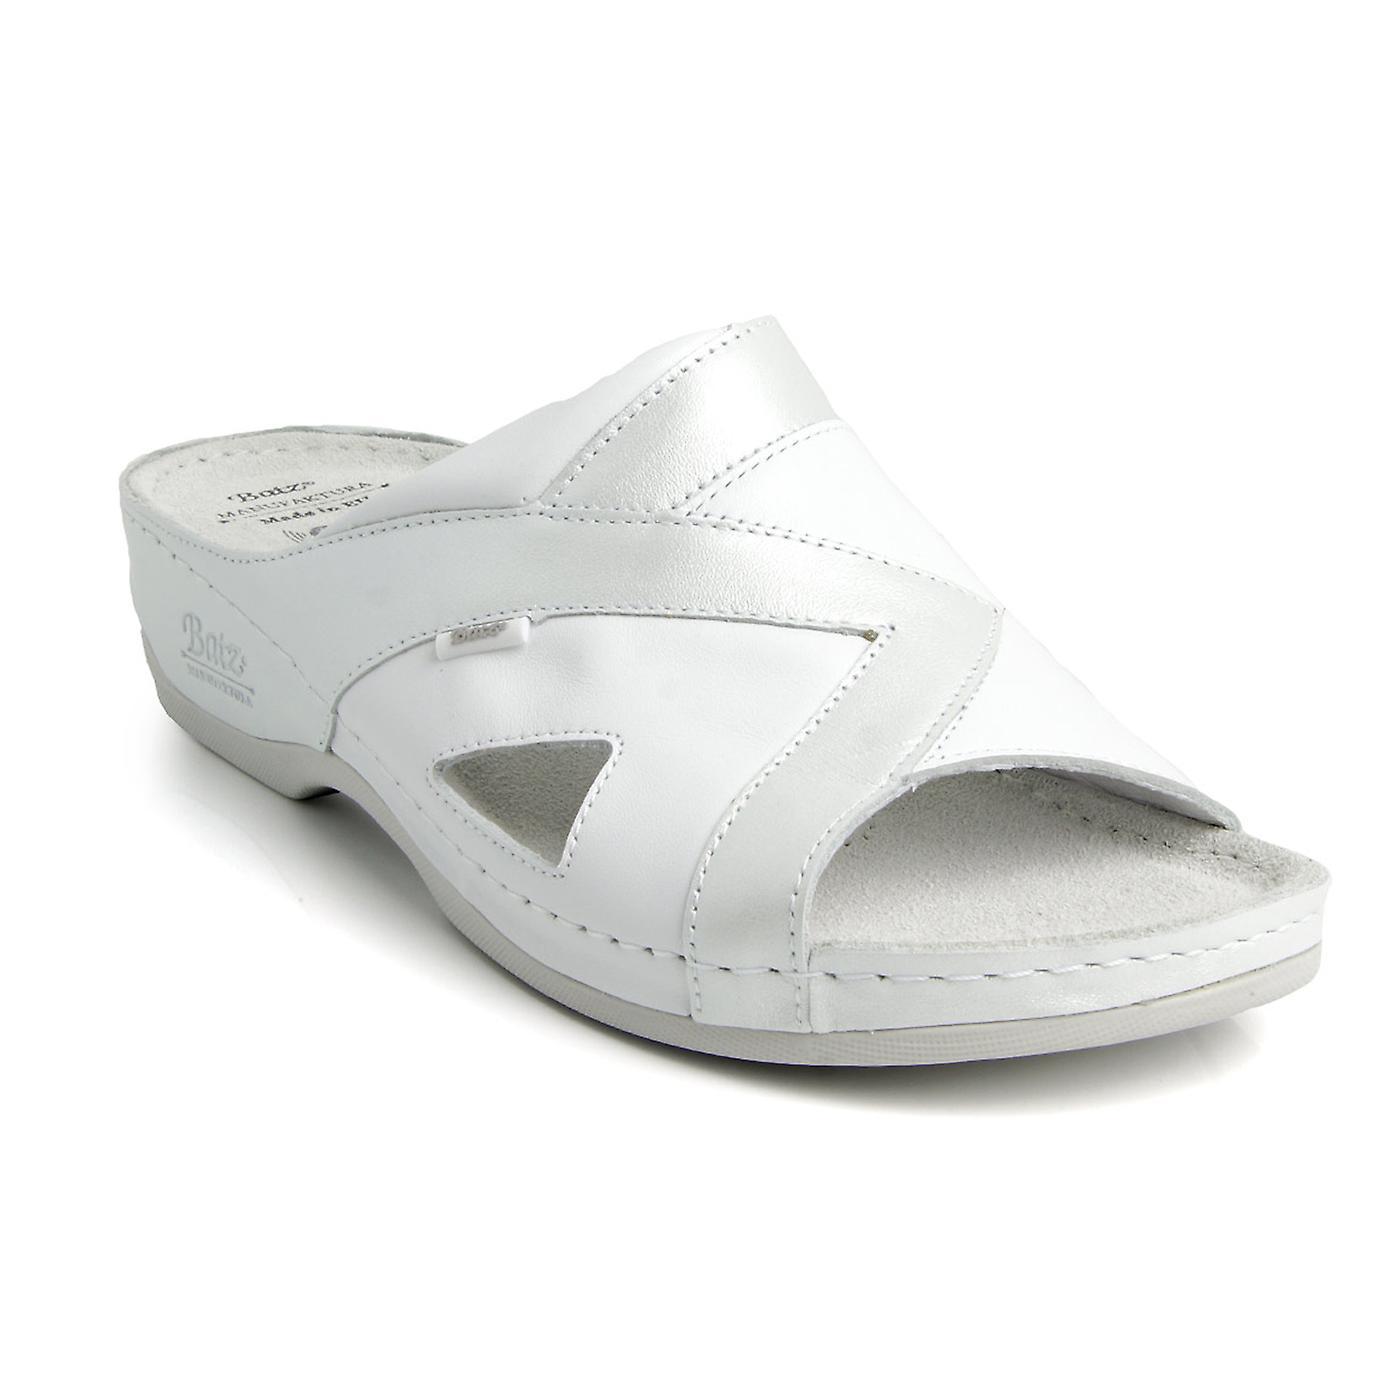 Batz VIKI Handmade Wysokiej jakości skórzane damskie sandały Chodaki Muły Kapcie Buty qfyq8